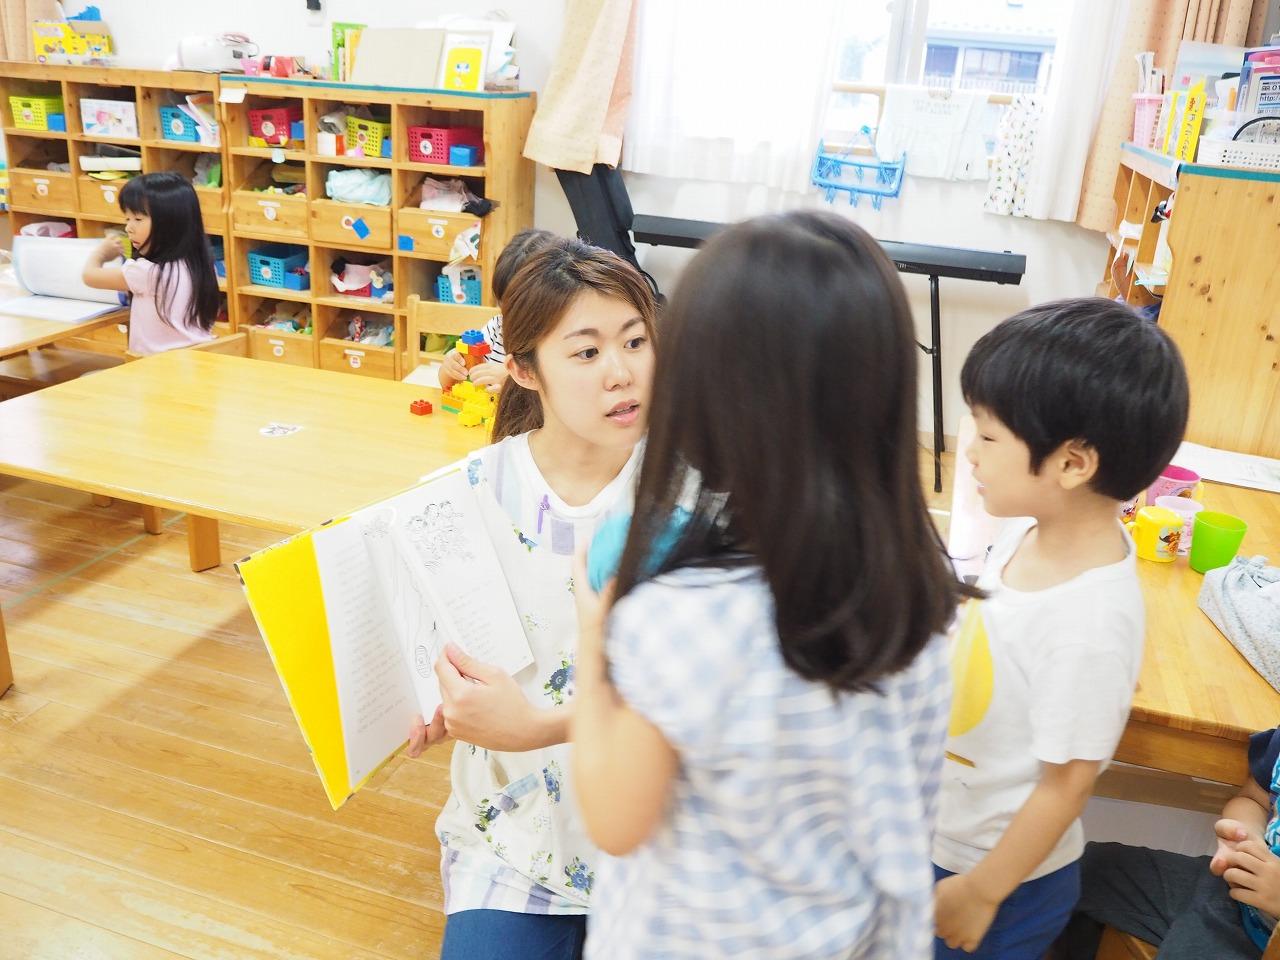 【園名:(仮)にじいろ保育園新丸子/2020年4月開園予定】(園長候補)